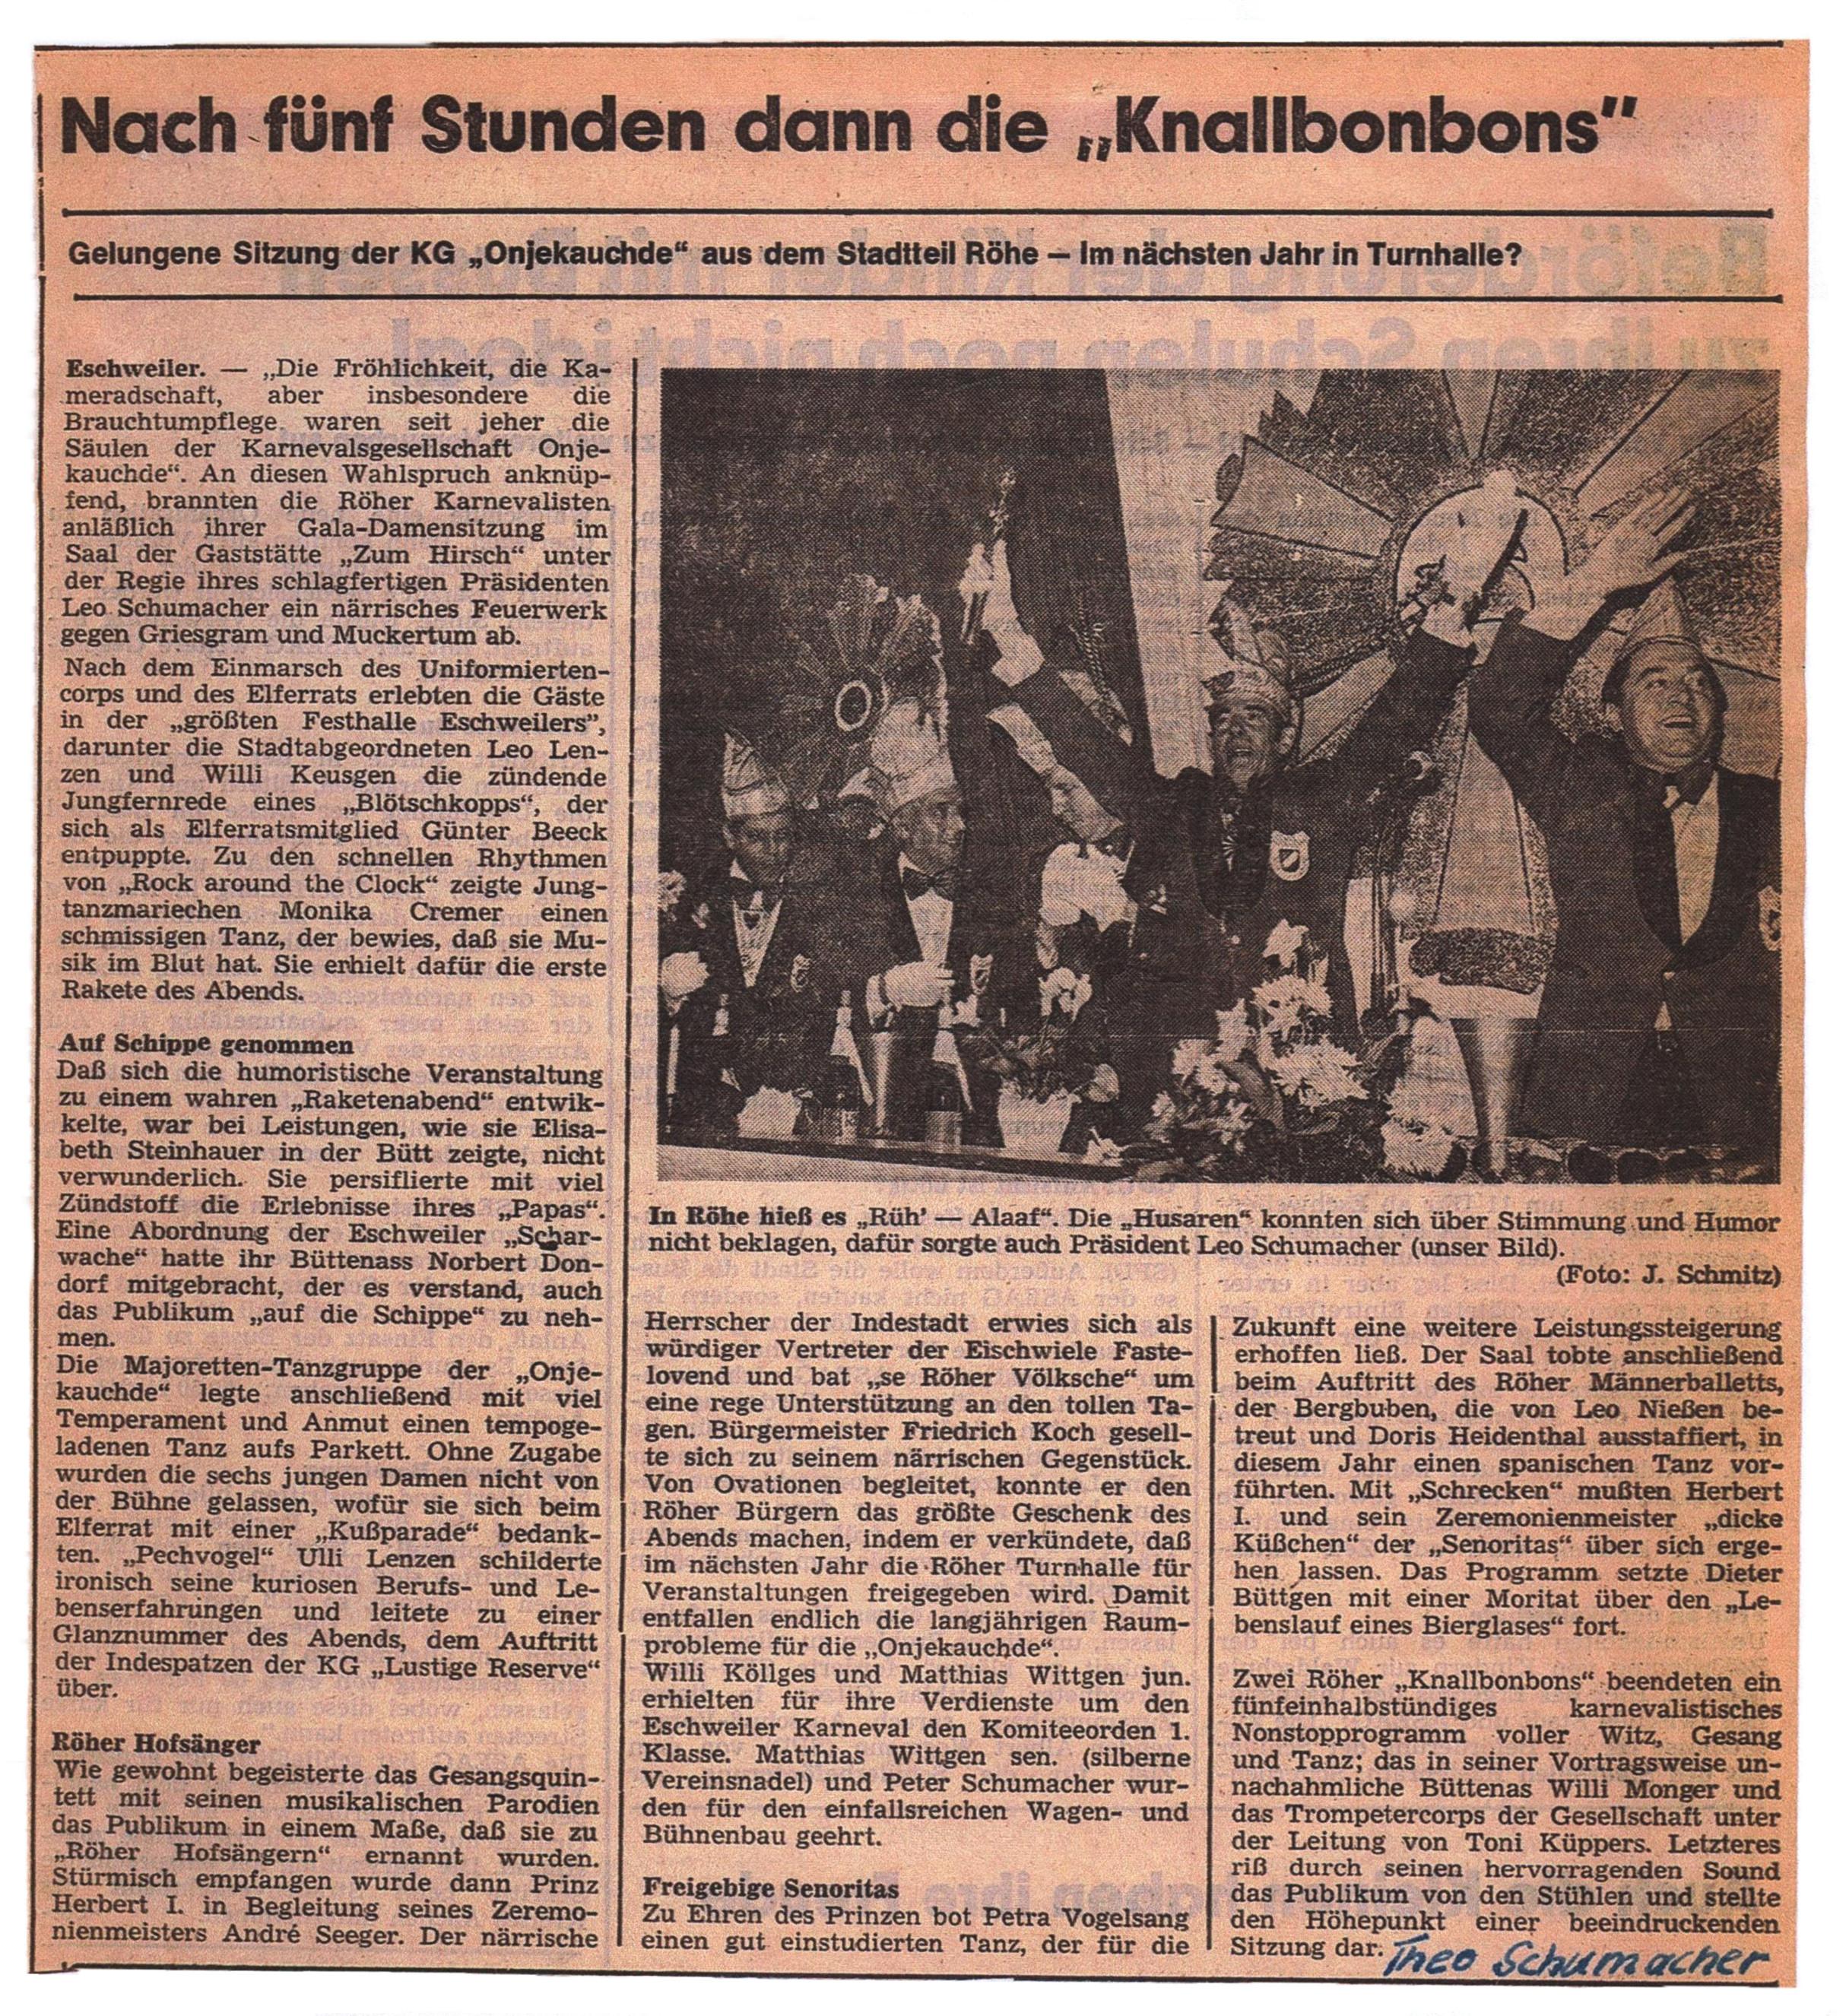 Artikel vom 28.01.1978